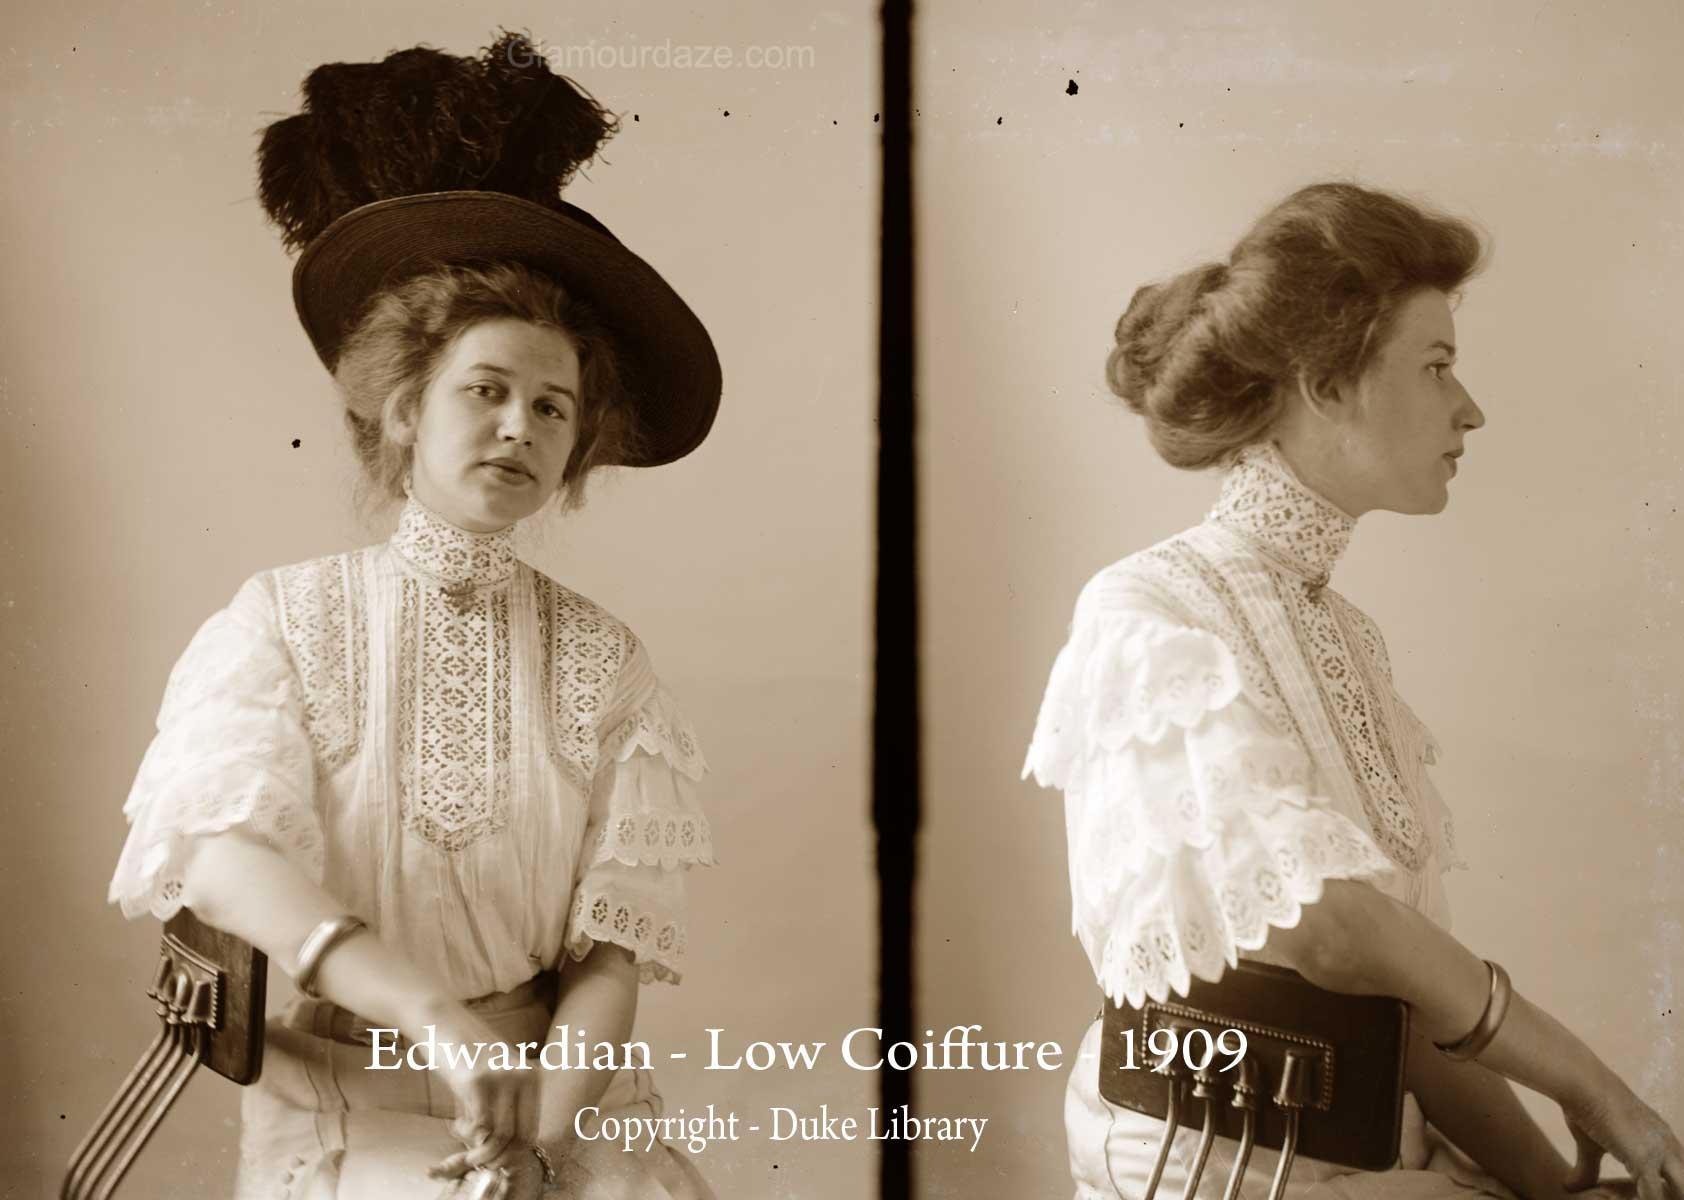 Strange Women Show The Latest Pompadour Hairstyles 1909 Glamourdaze Short Hairstyles For Black Women Fulllsitofus